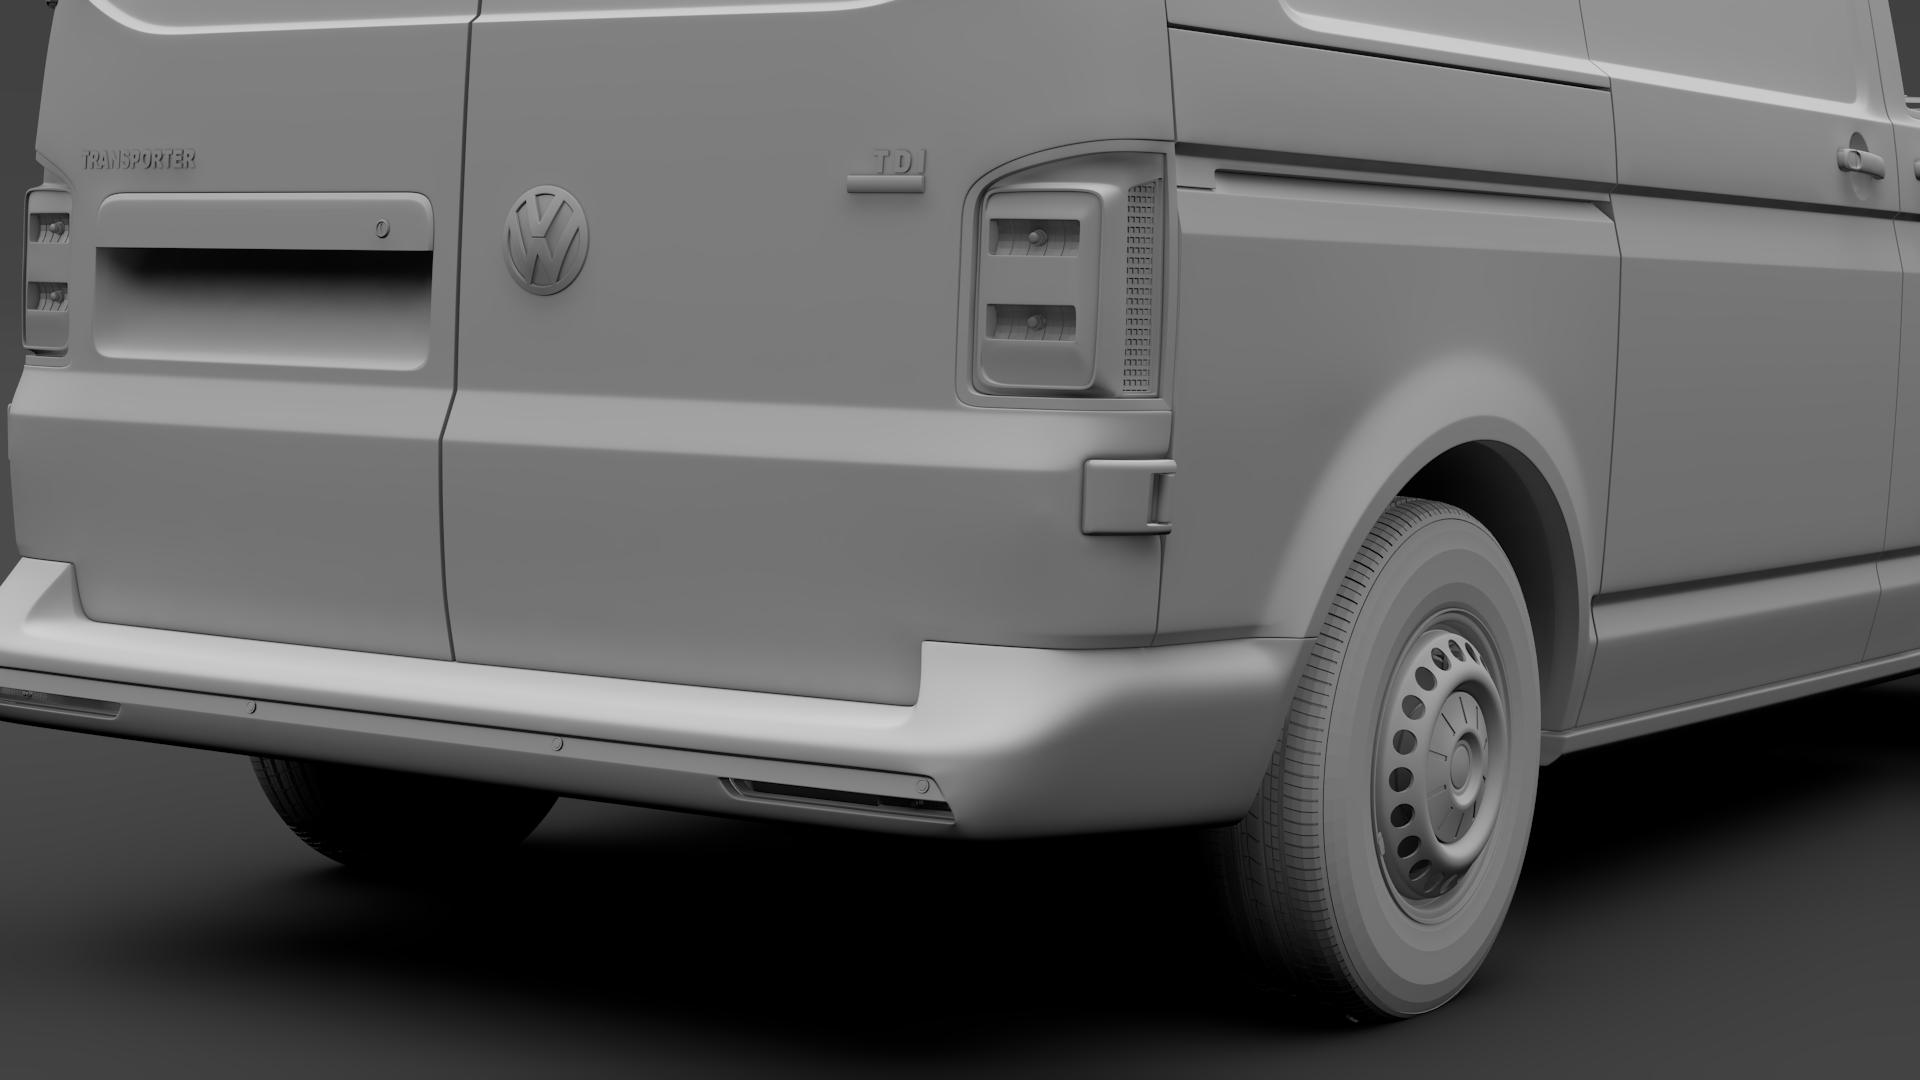 volkswagen transporter van l1h2 t6 2017 3d model max fbx c4d lwo ma mb hrc xsi obj 275158